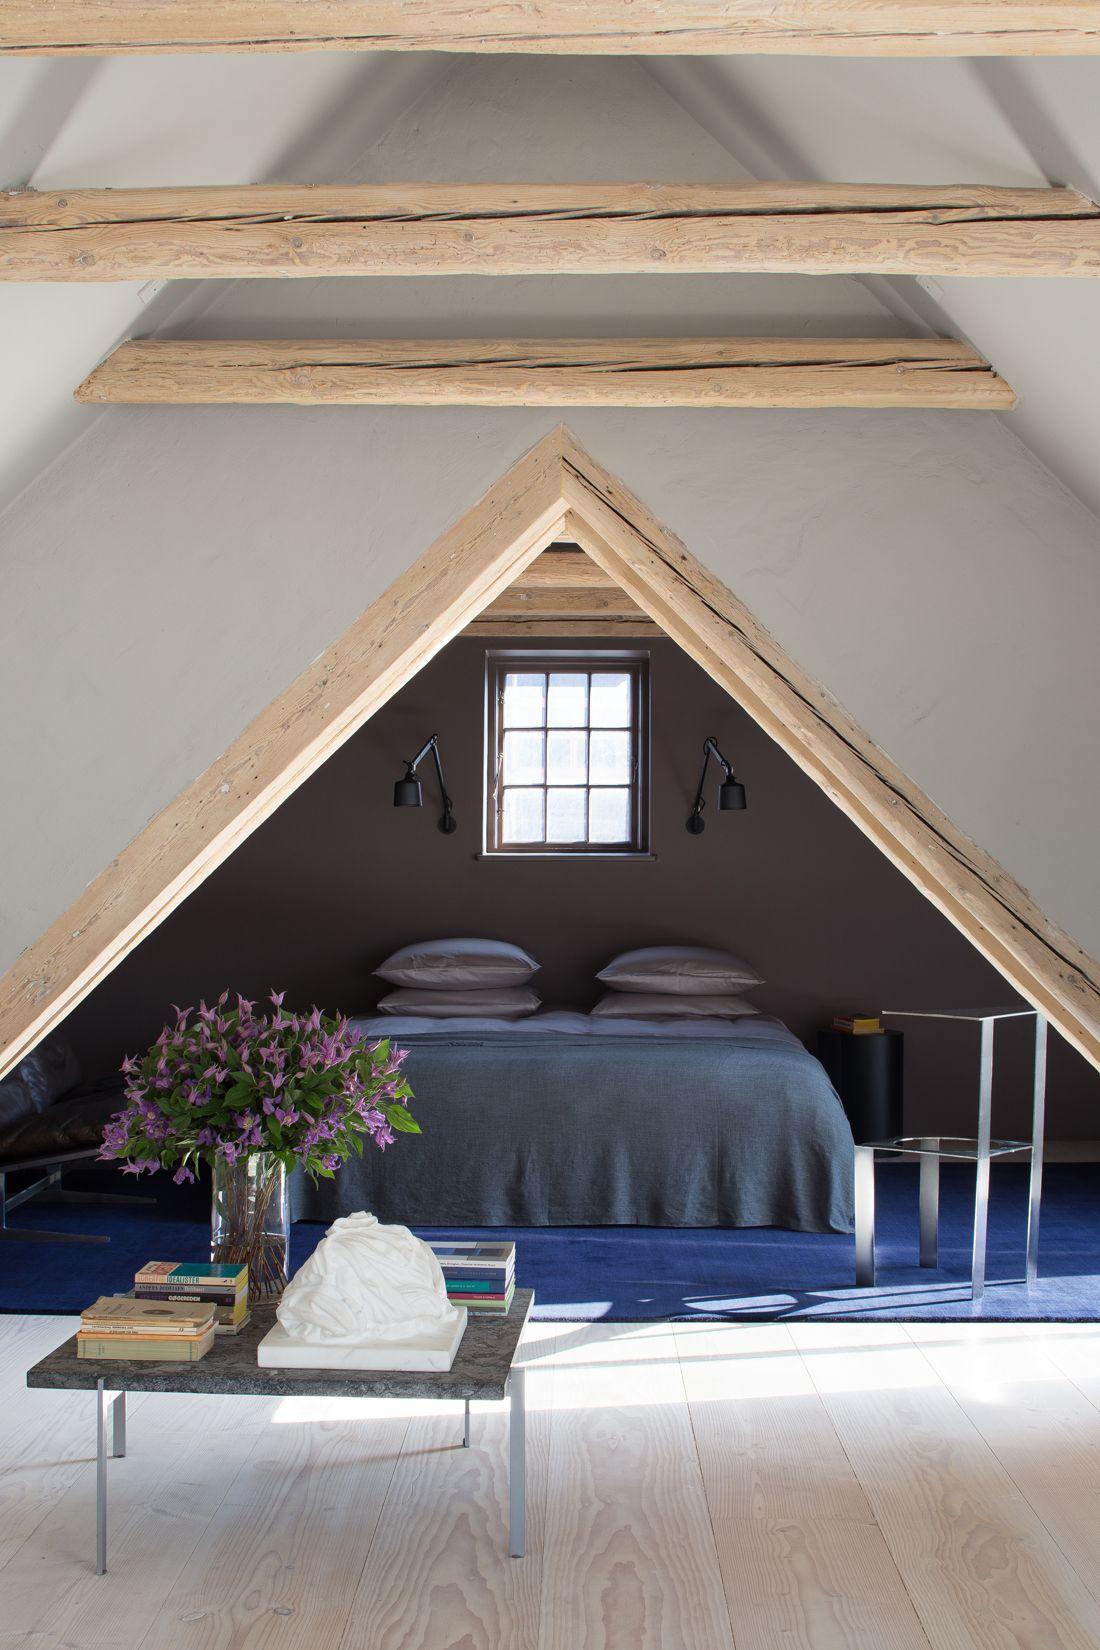 Vipp Loft By Studio David Thulstrup With Images Loft Hotel Attic Design Copenhagen Hotel